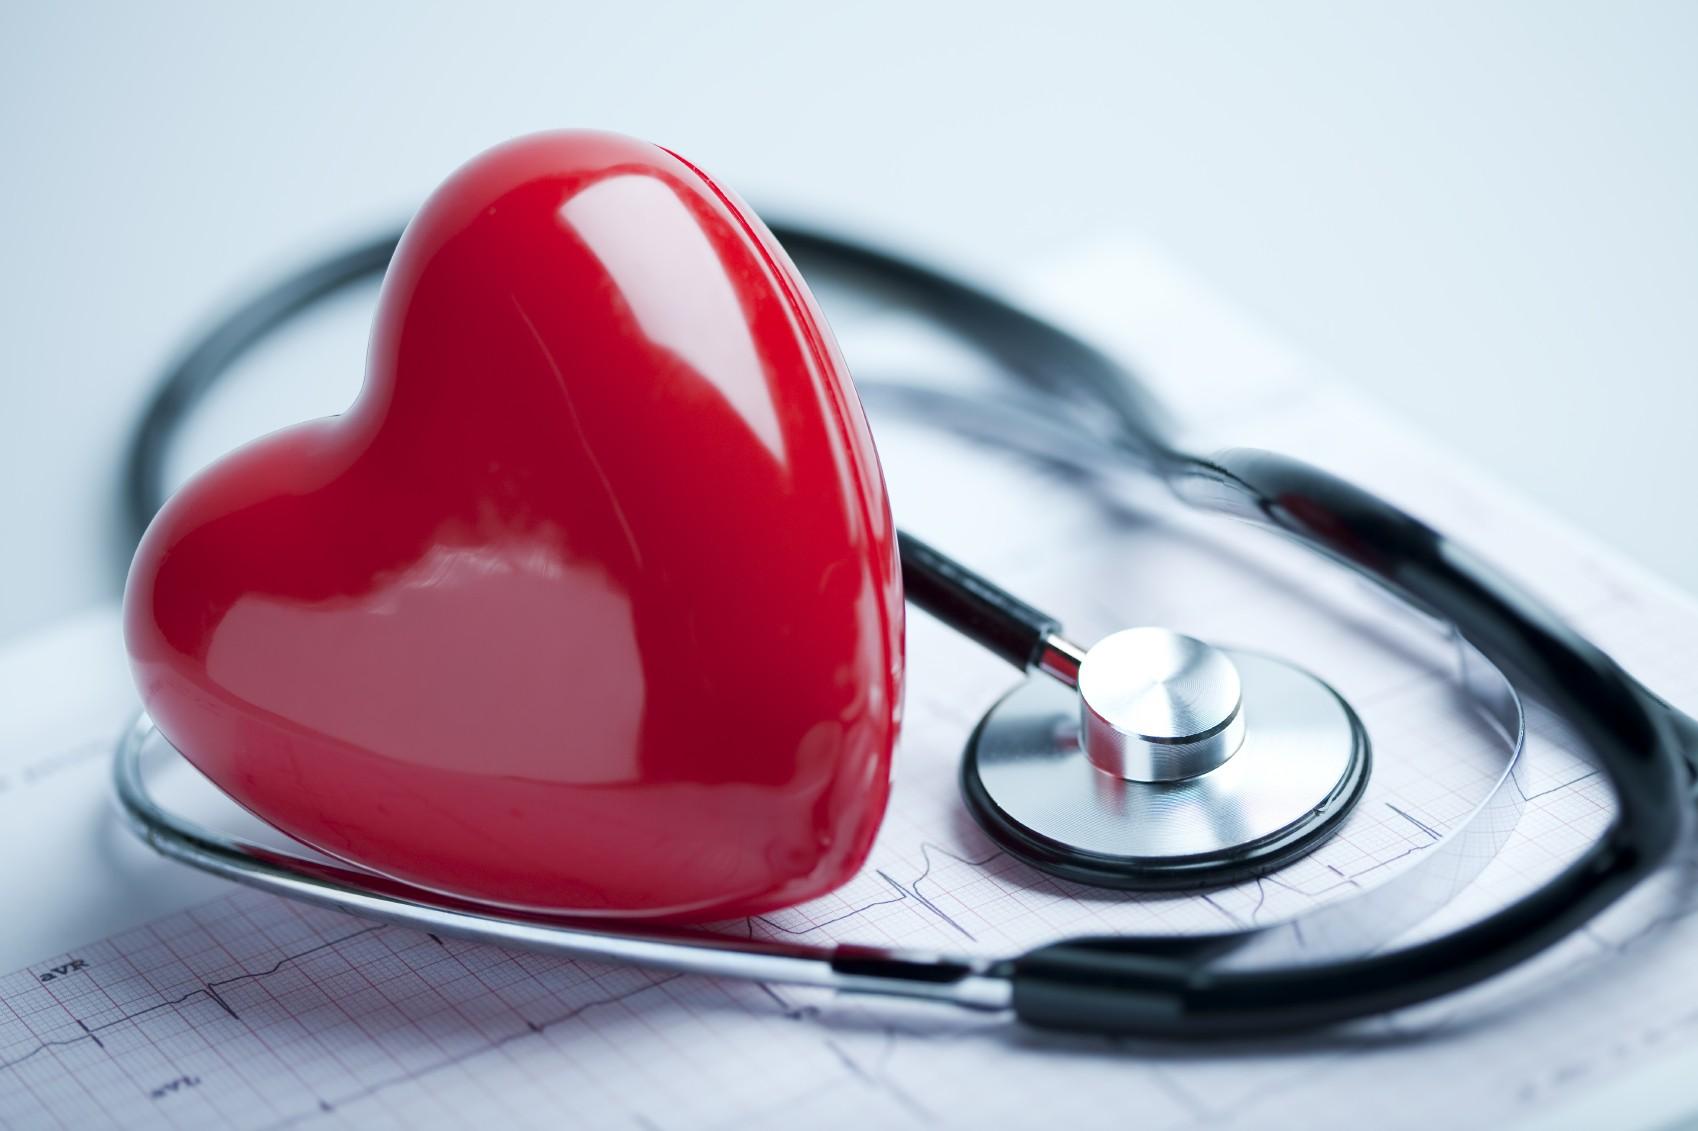 Những đối tượng nào cần khám tầm soát tim mạch?